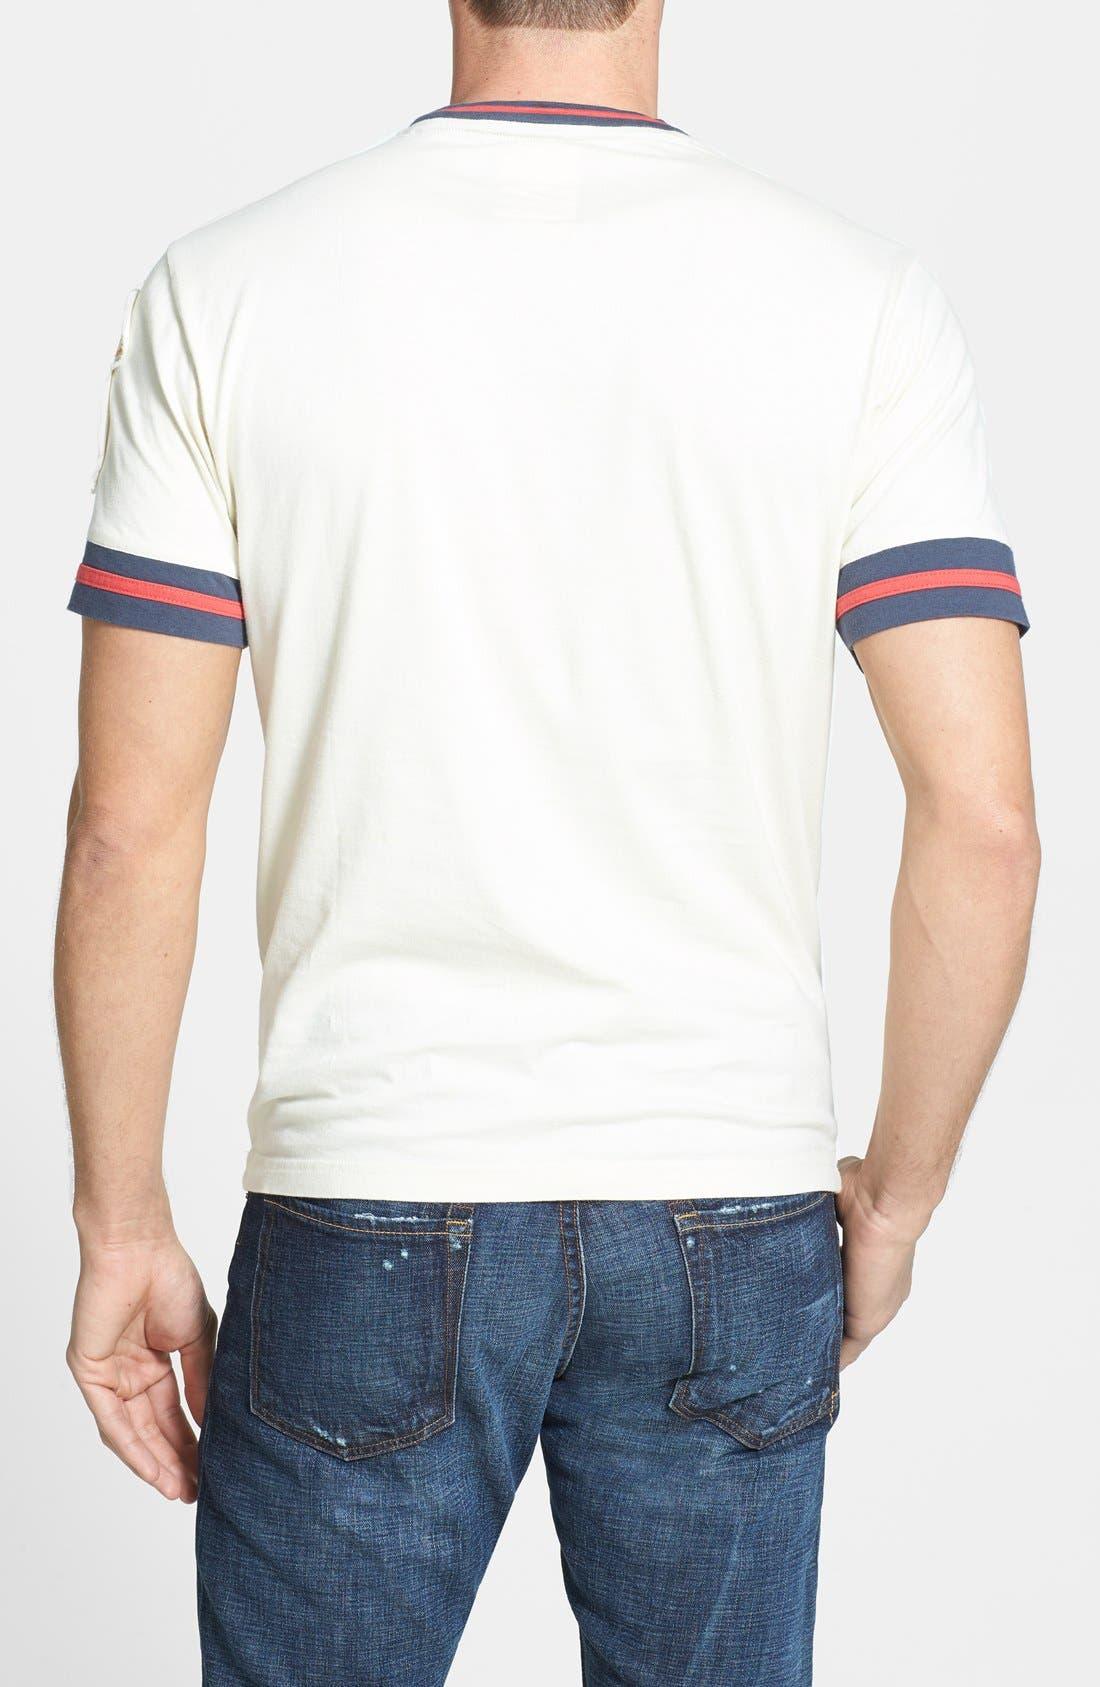 Alternate Image 2  - Red Jacket 'Los Angeles Angels' Trim Fit Ringer T-Shirt (Men)